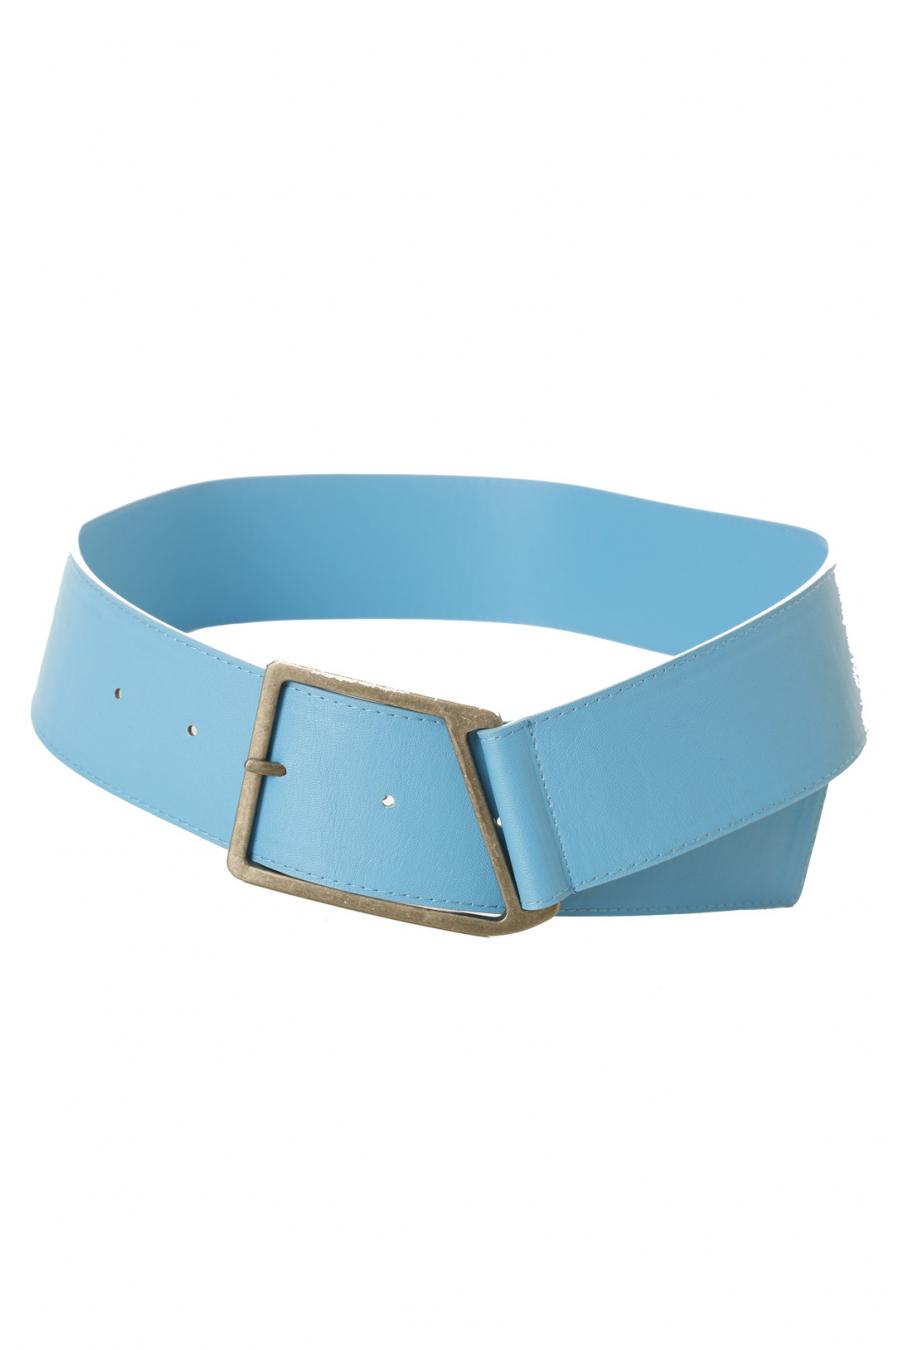 Blauwe riem met trapeze gesp. SG-0468